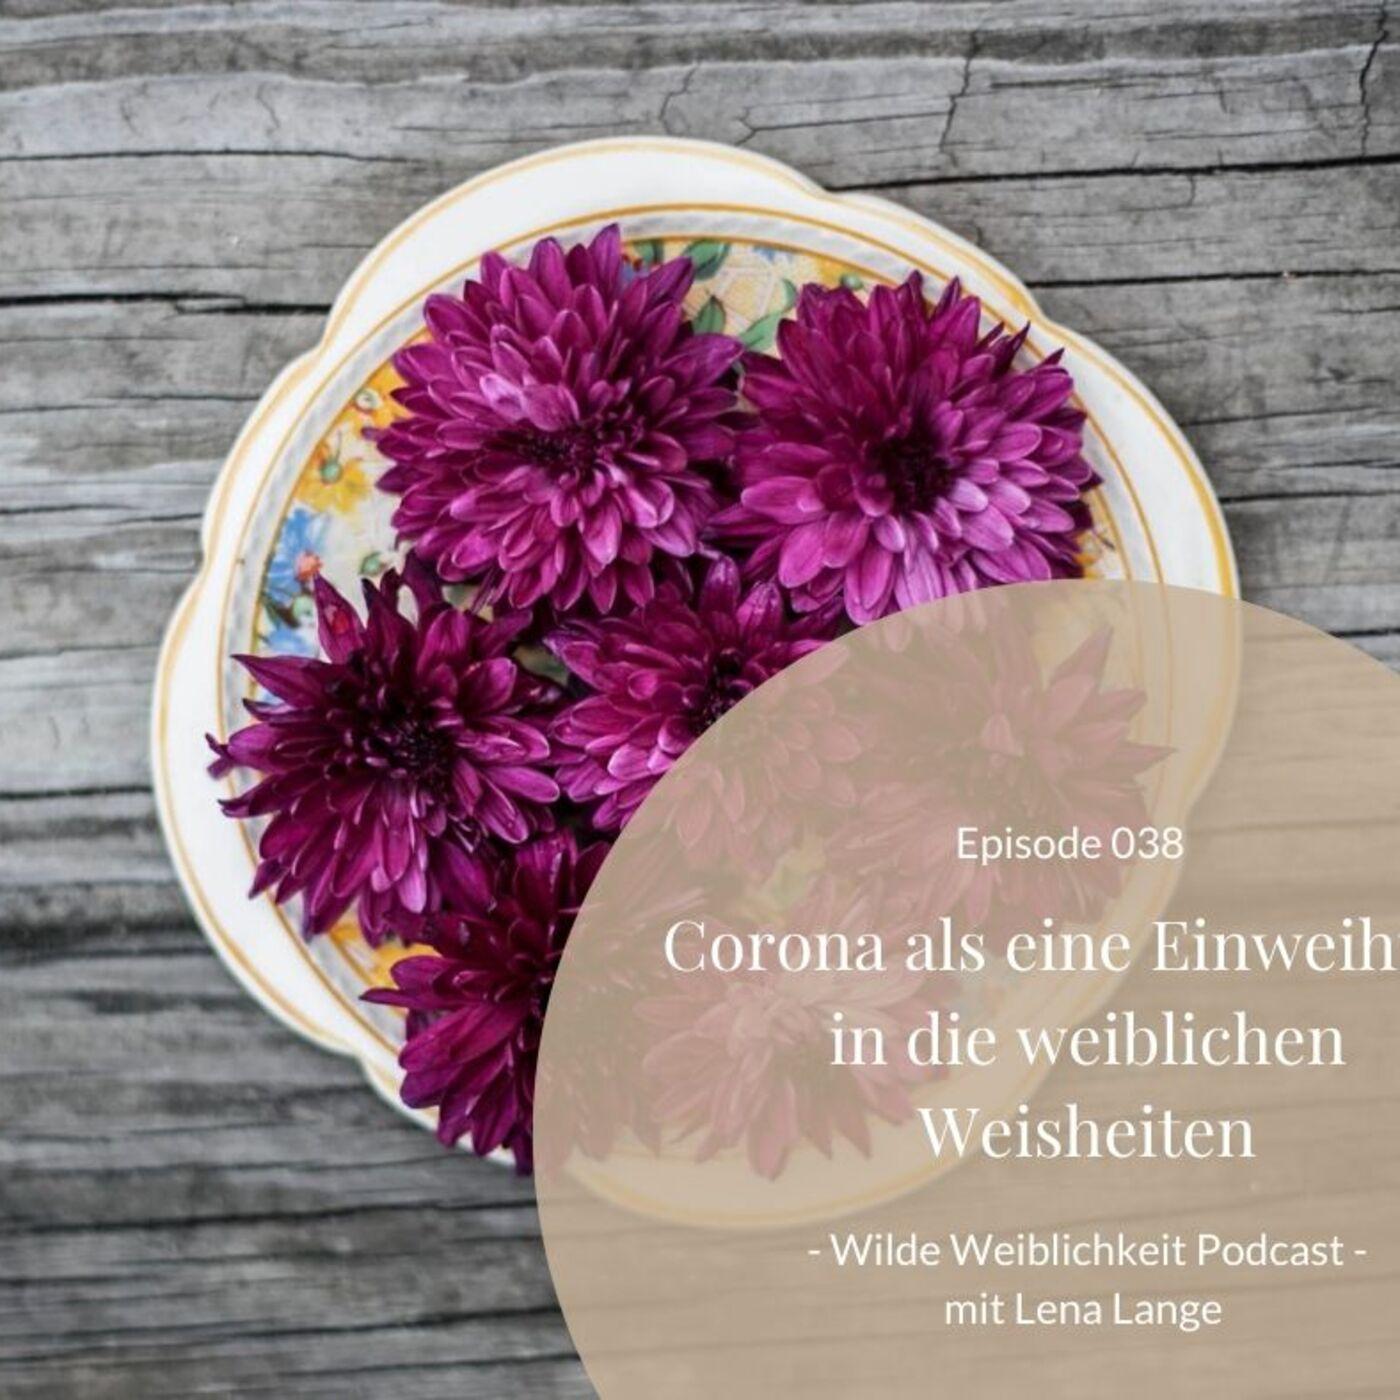 038: Corona als eine Einweihung in die weiblichen Weisheiten